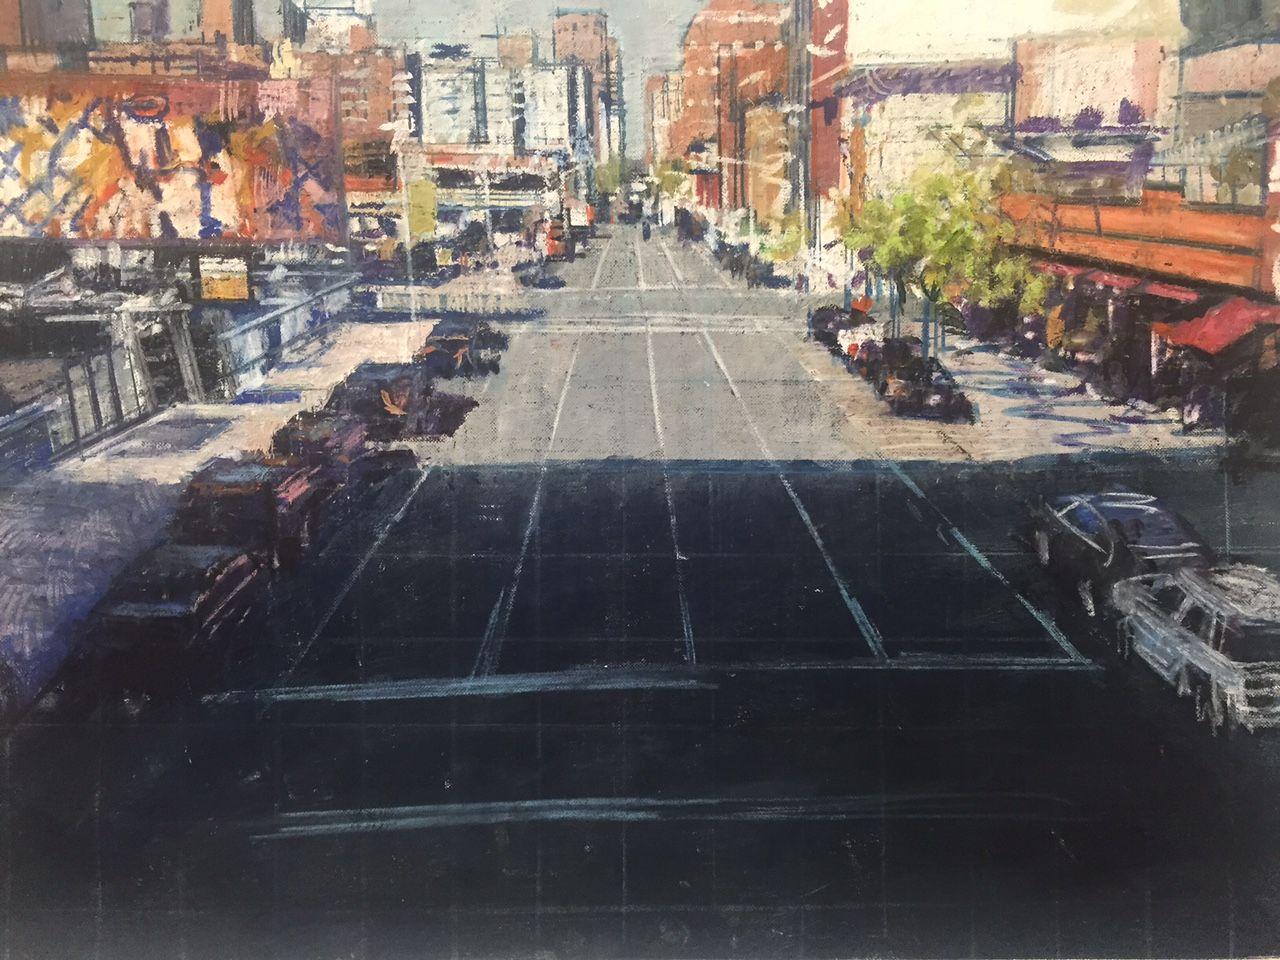 STREET SCENE (FROM THE HIGHLINE)